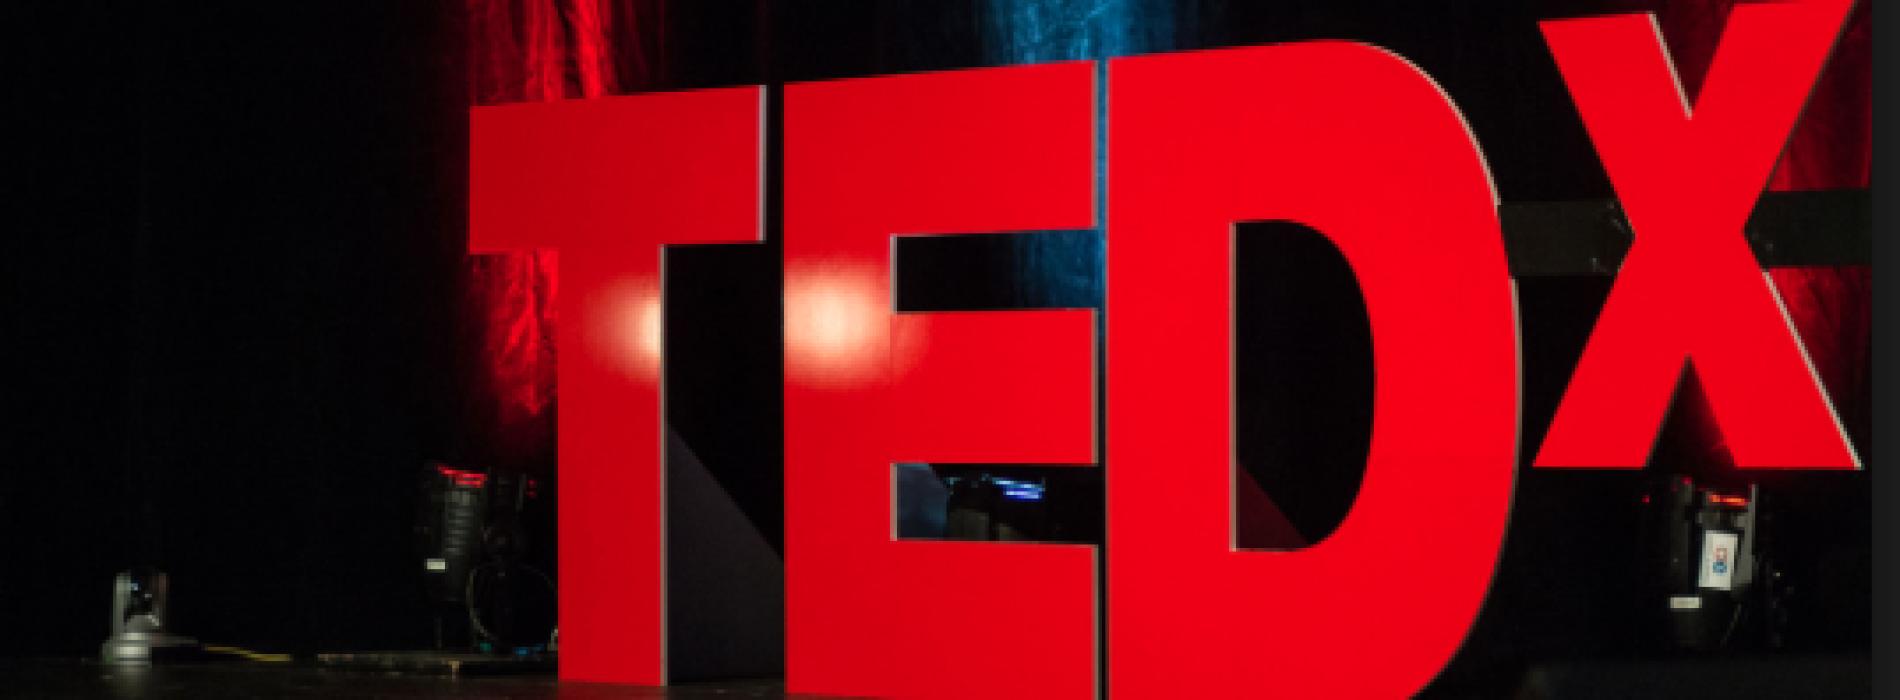 Il TEDx al Centro Campania, c'è una casertana tra gli speaker